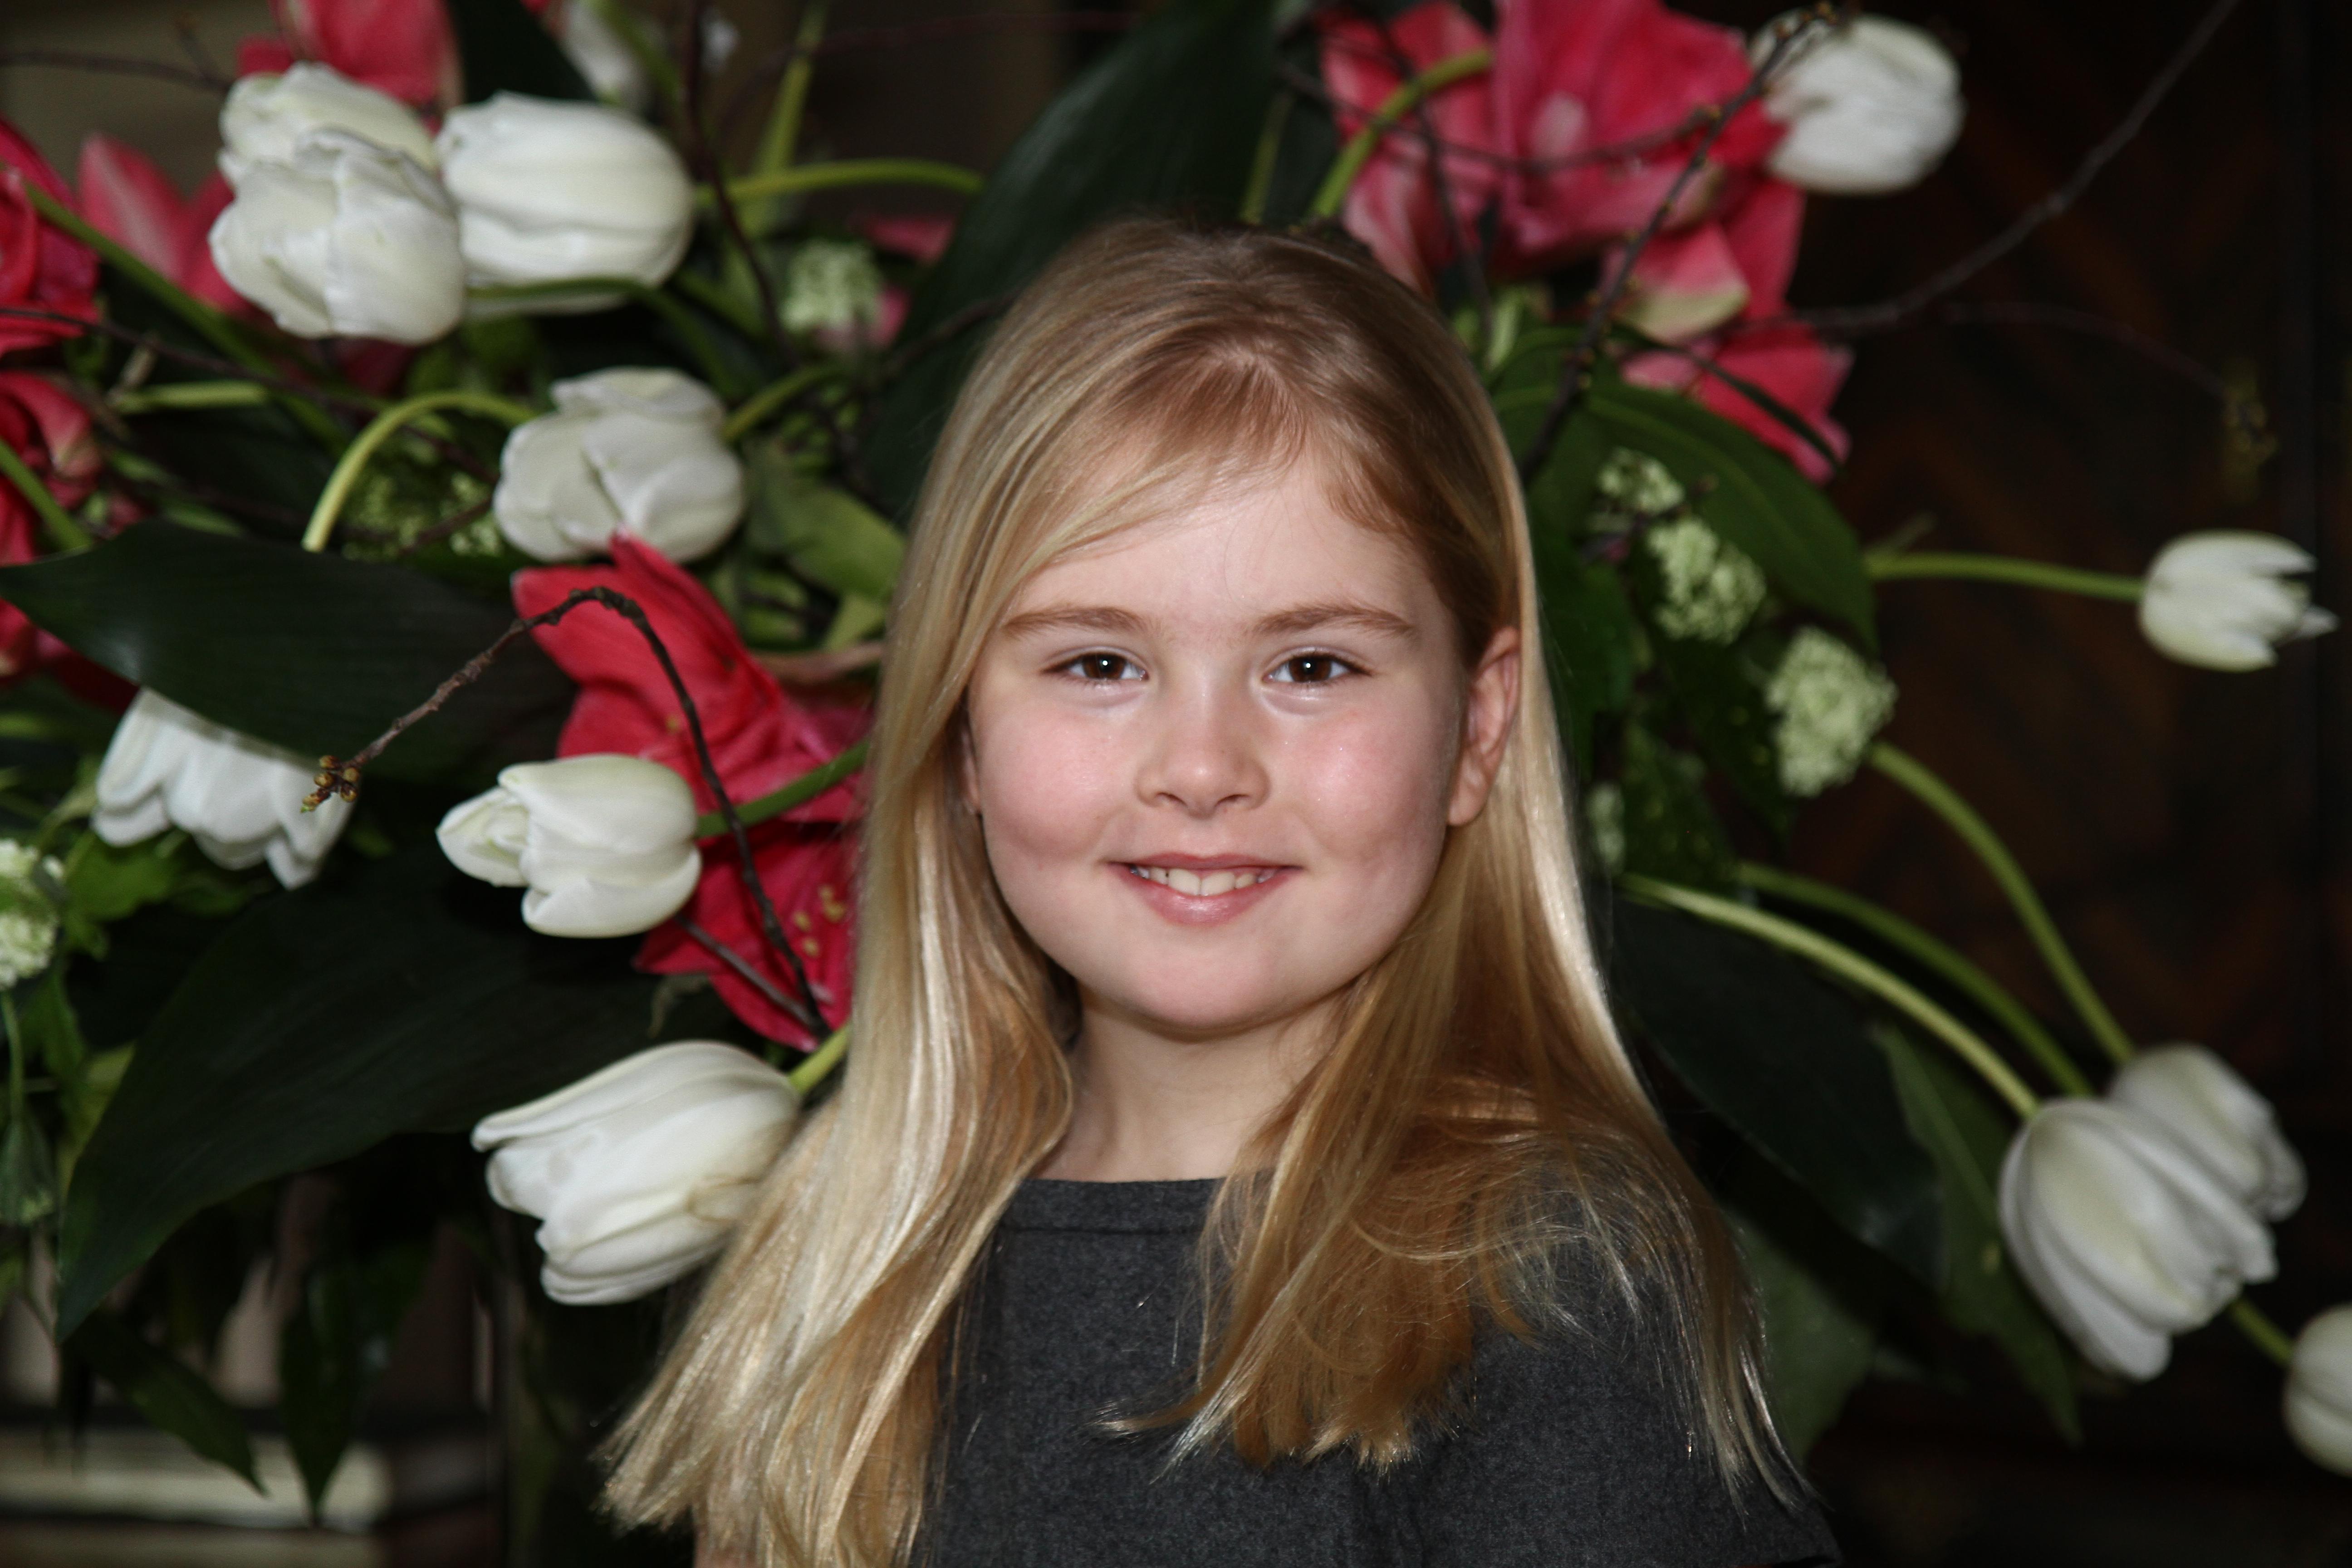 Fotos de la princesa amalia de holanda 82